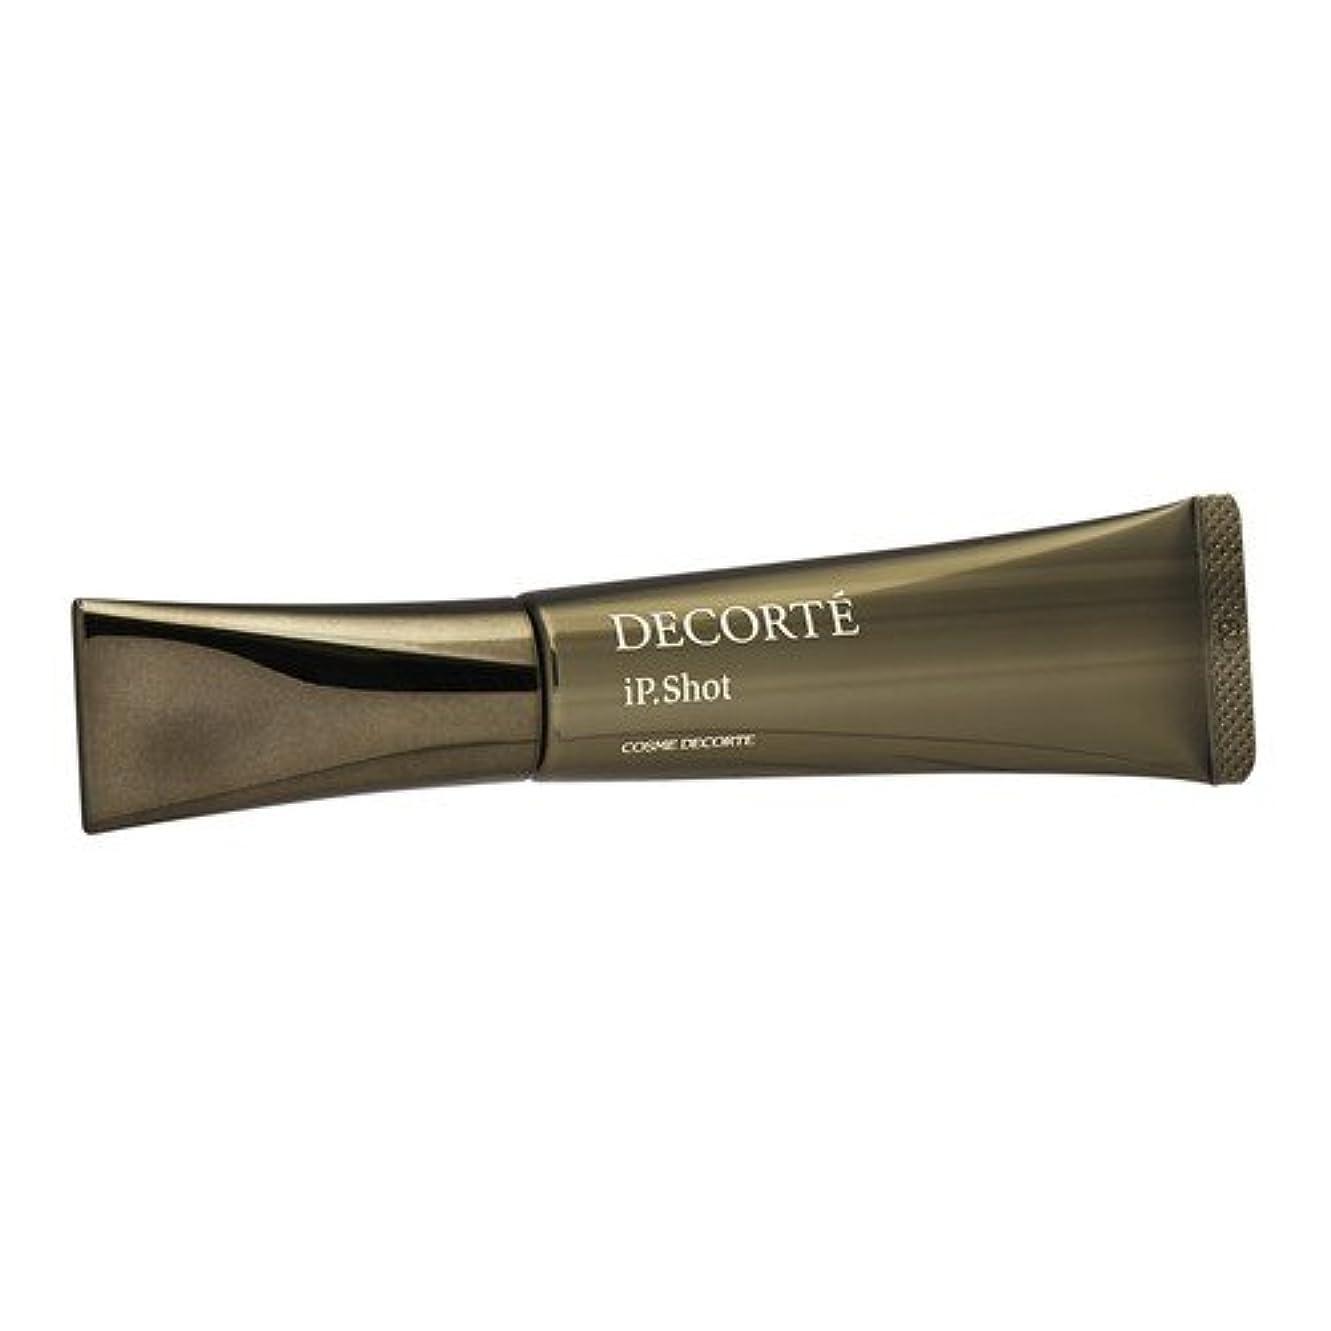 広範囲銀行アジア人コスメ デコルテ(COSME DECORTE) iP.Shot[並行輸入品]